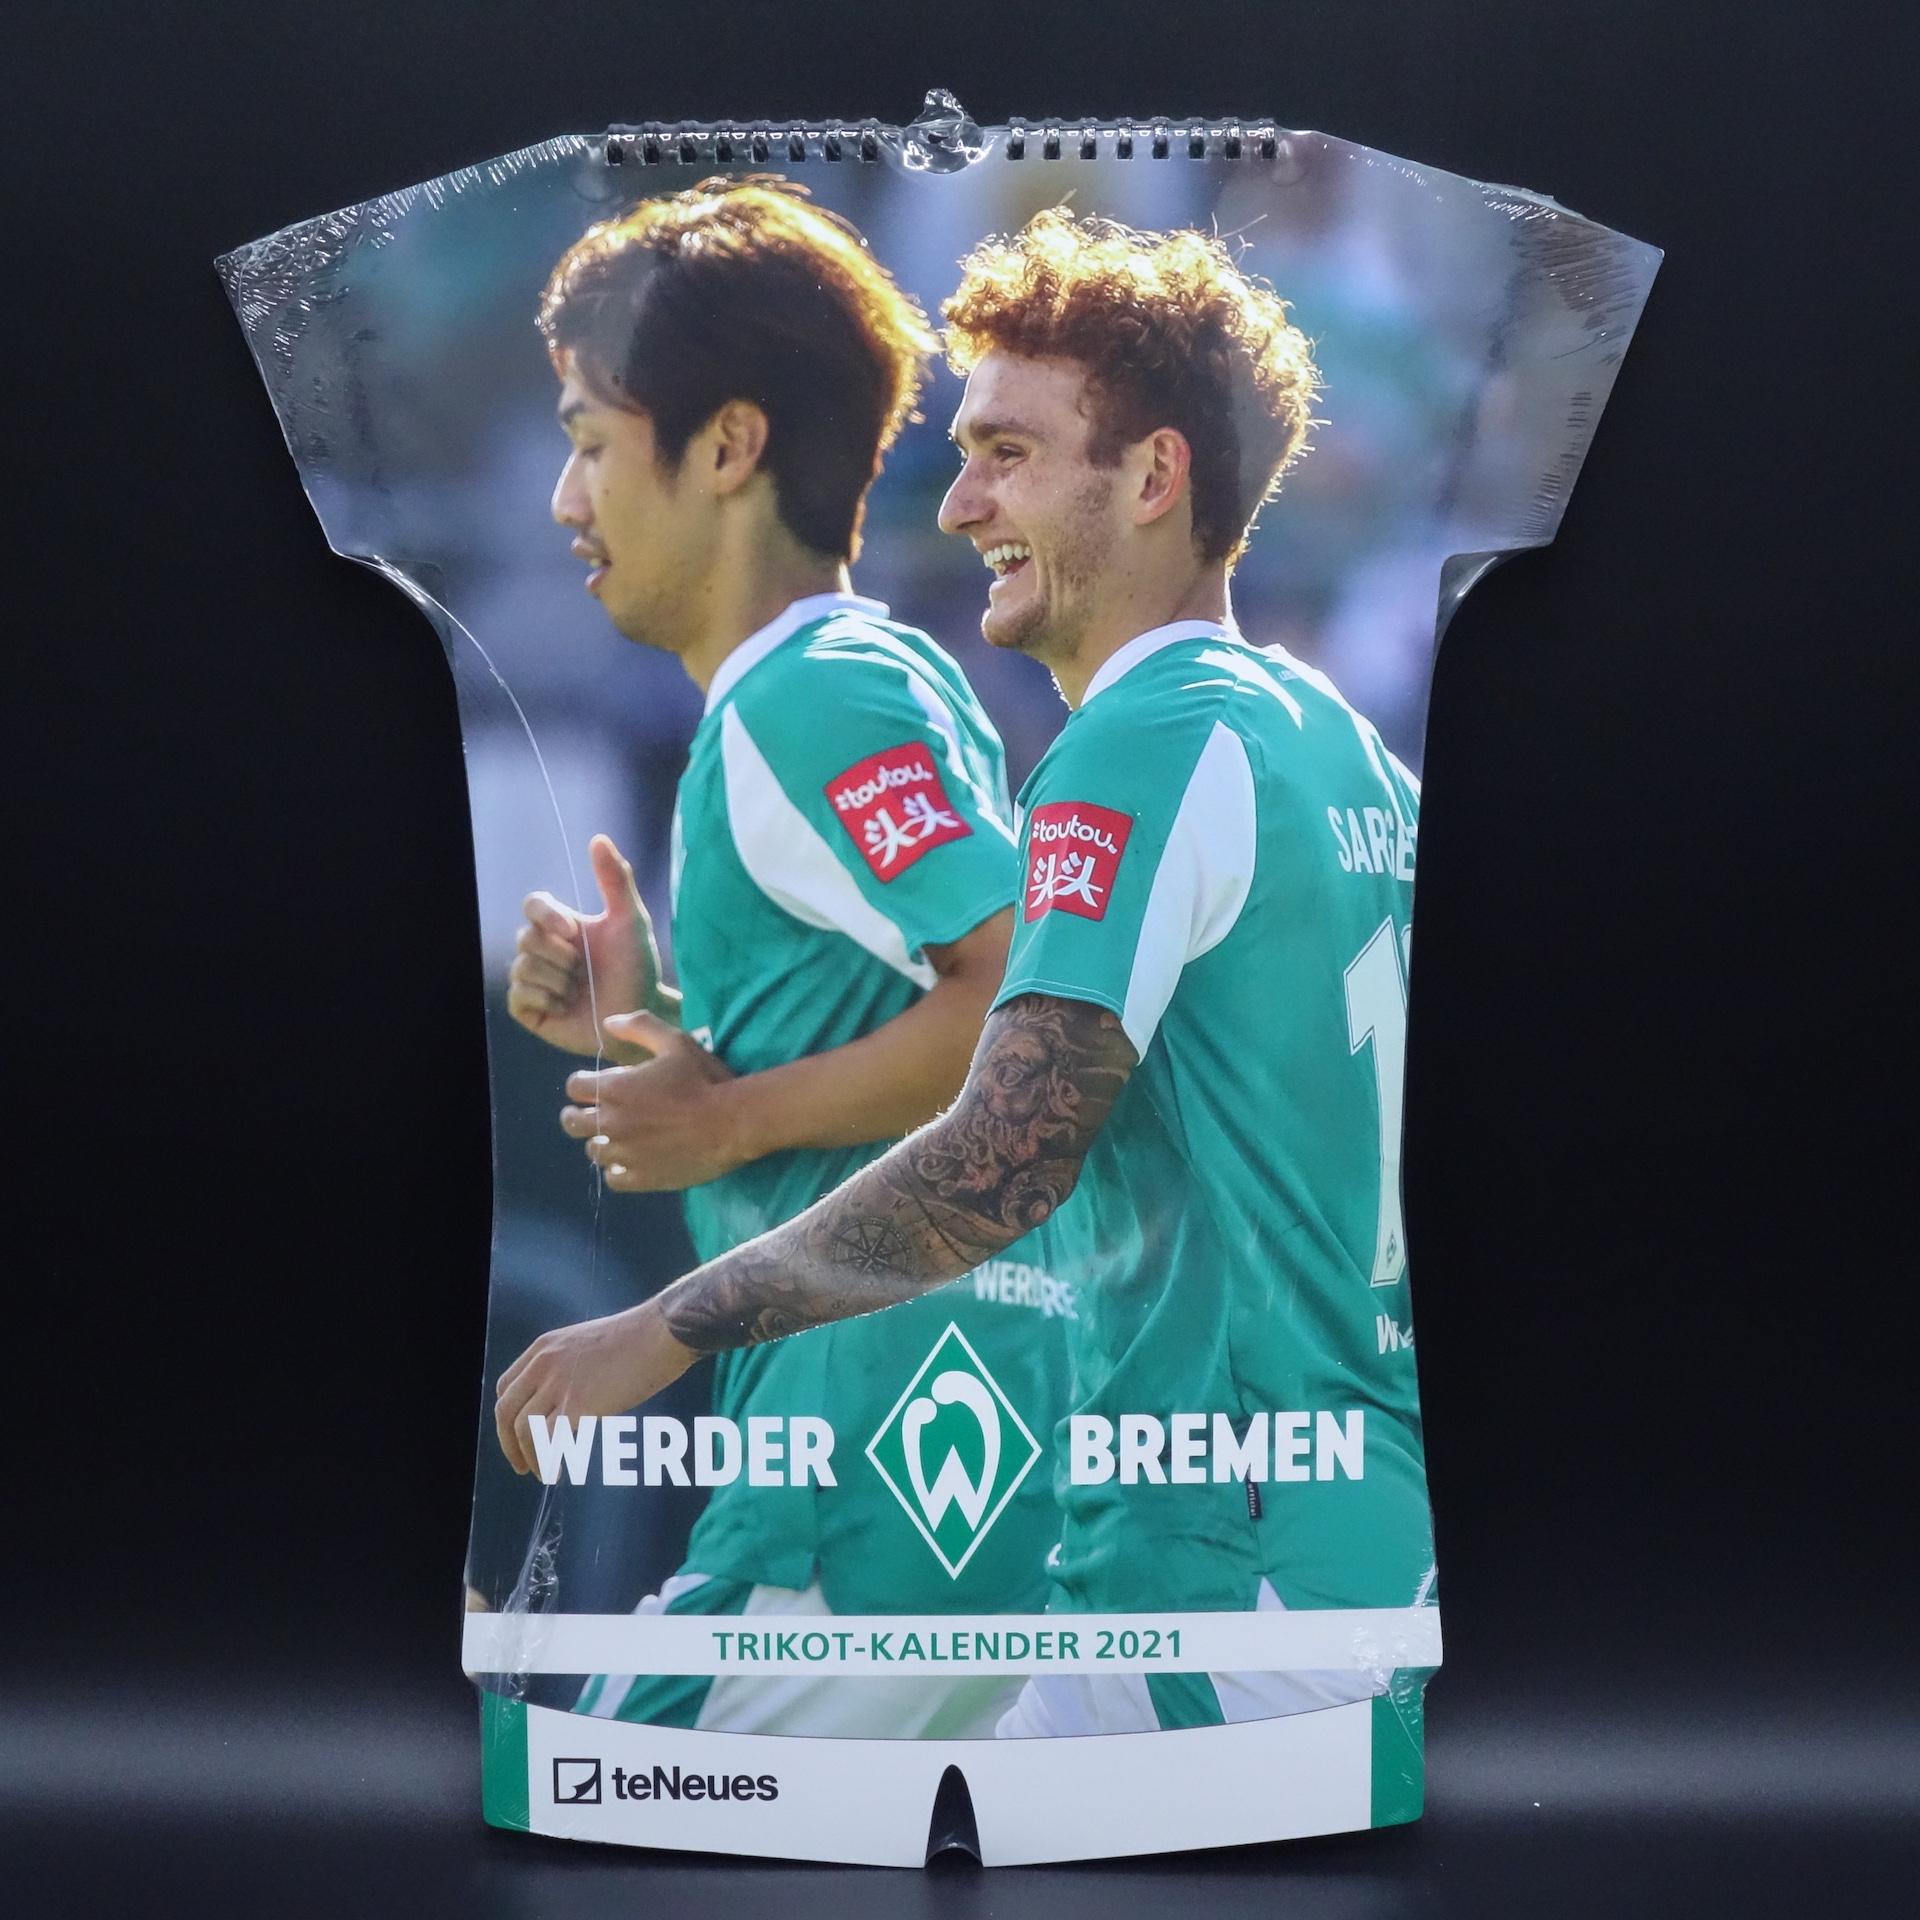 Werder Bremen  Trikot-Kalender 2021